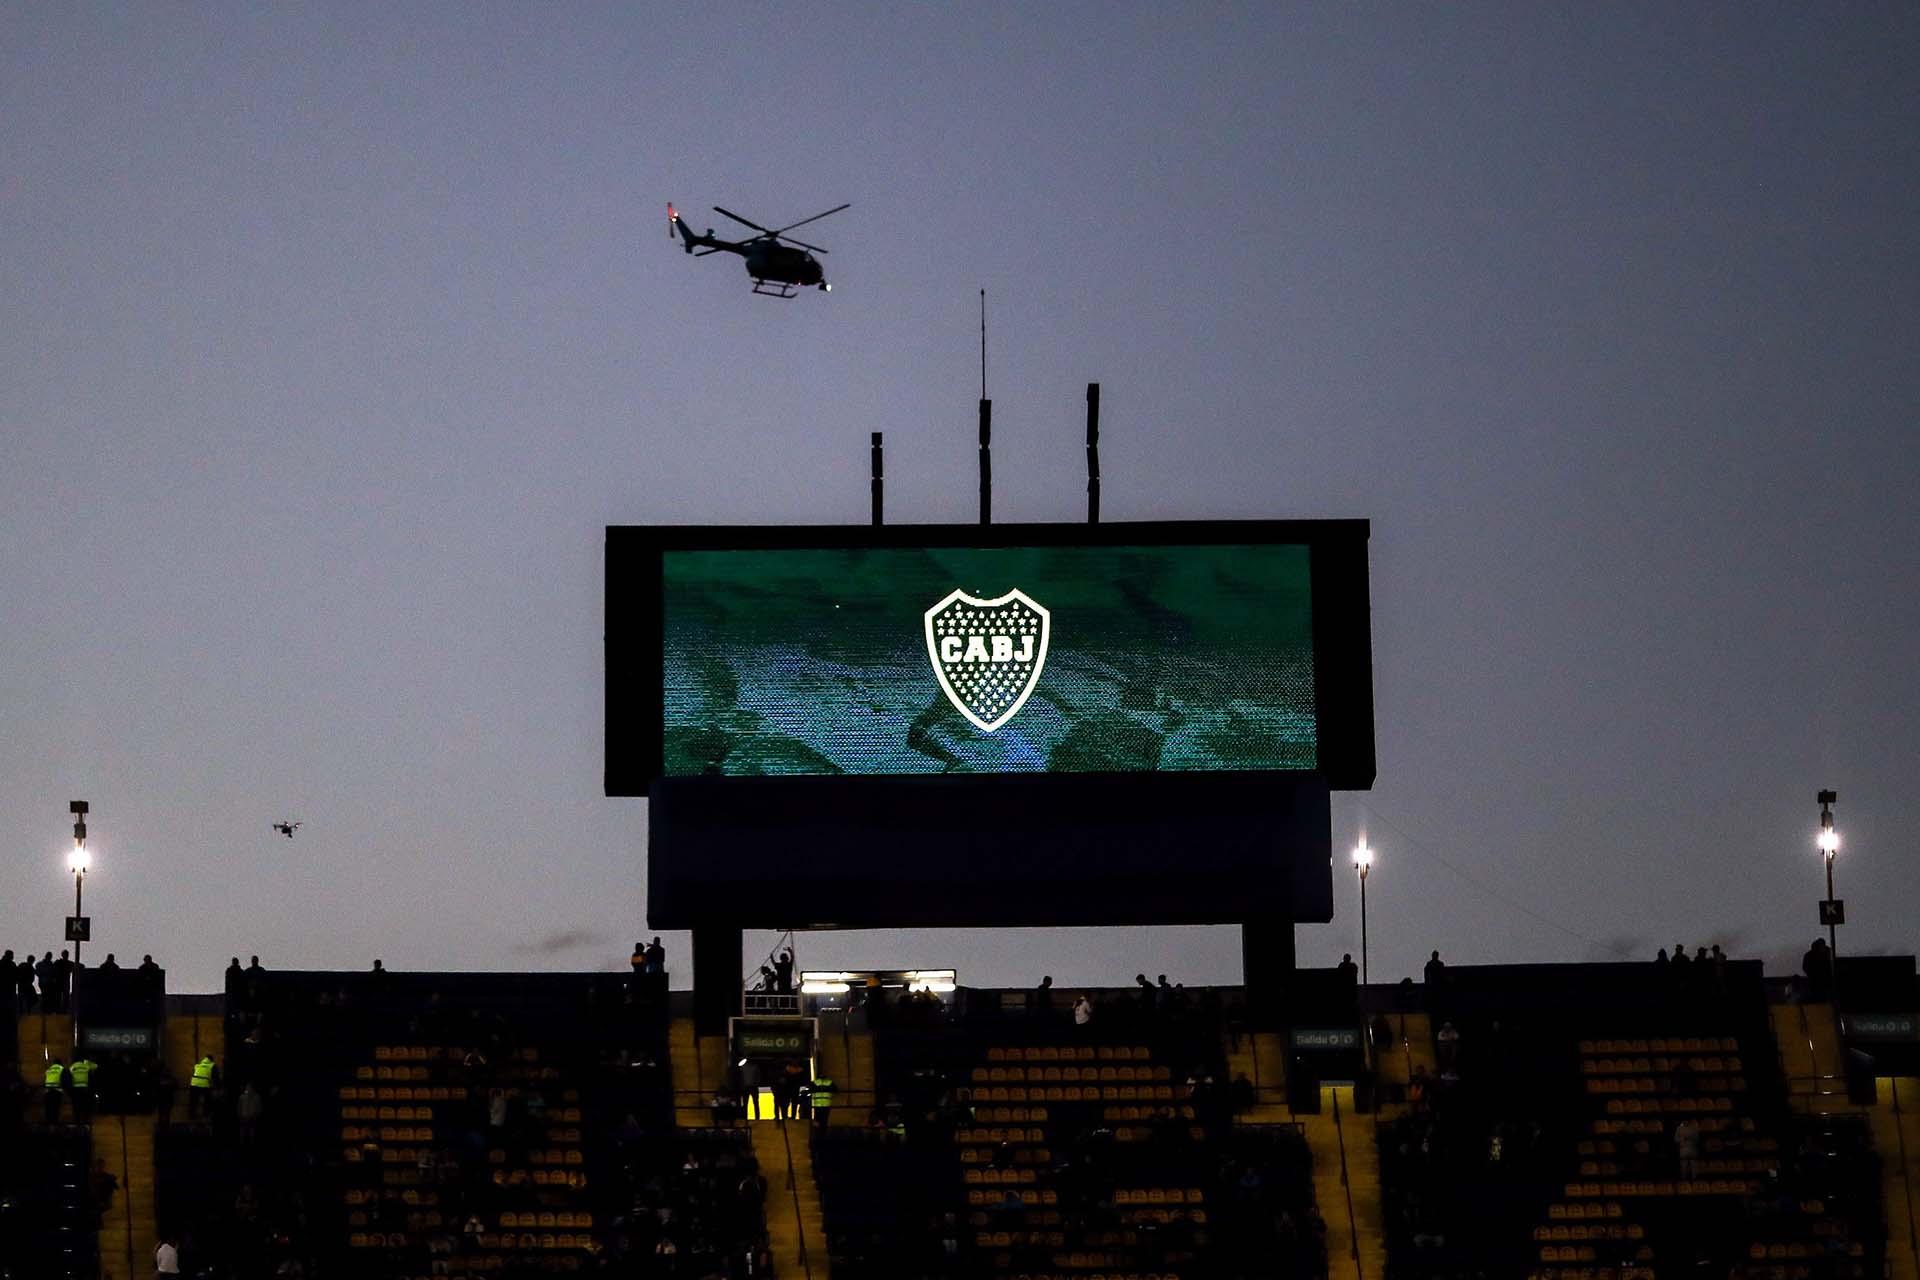 Con dos helicópteros sobrevolando el estadio, las fuerzas de seguridad desplegaron un súper operativo